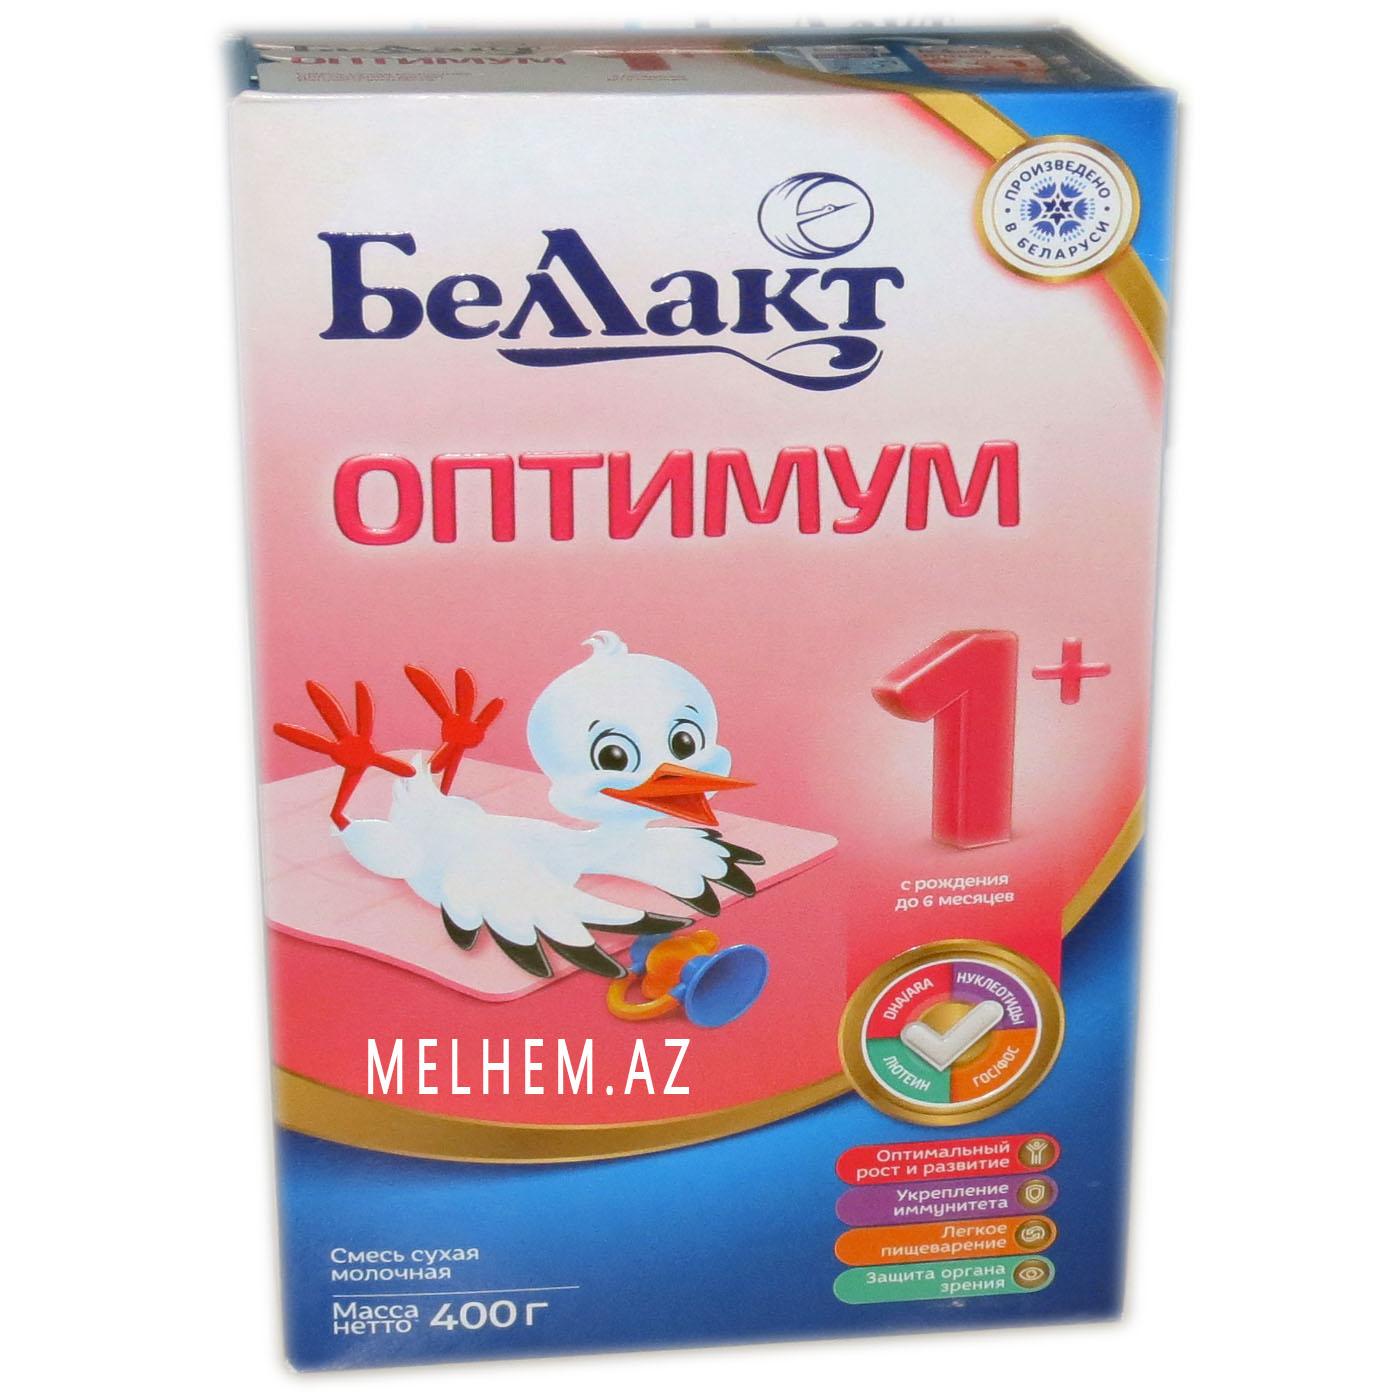 BELLAKT 1+